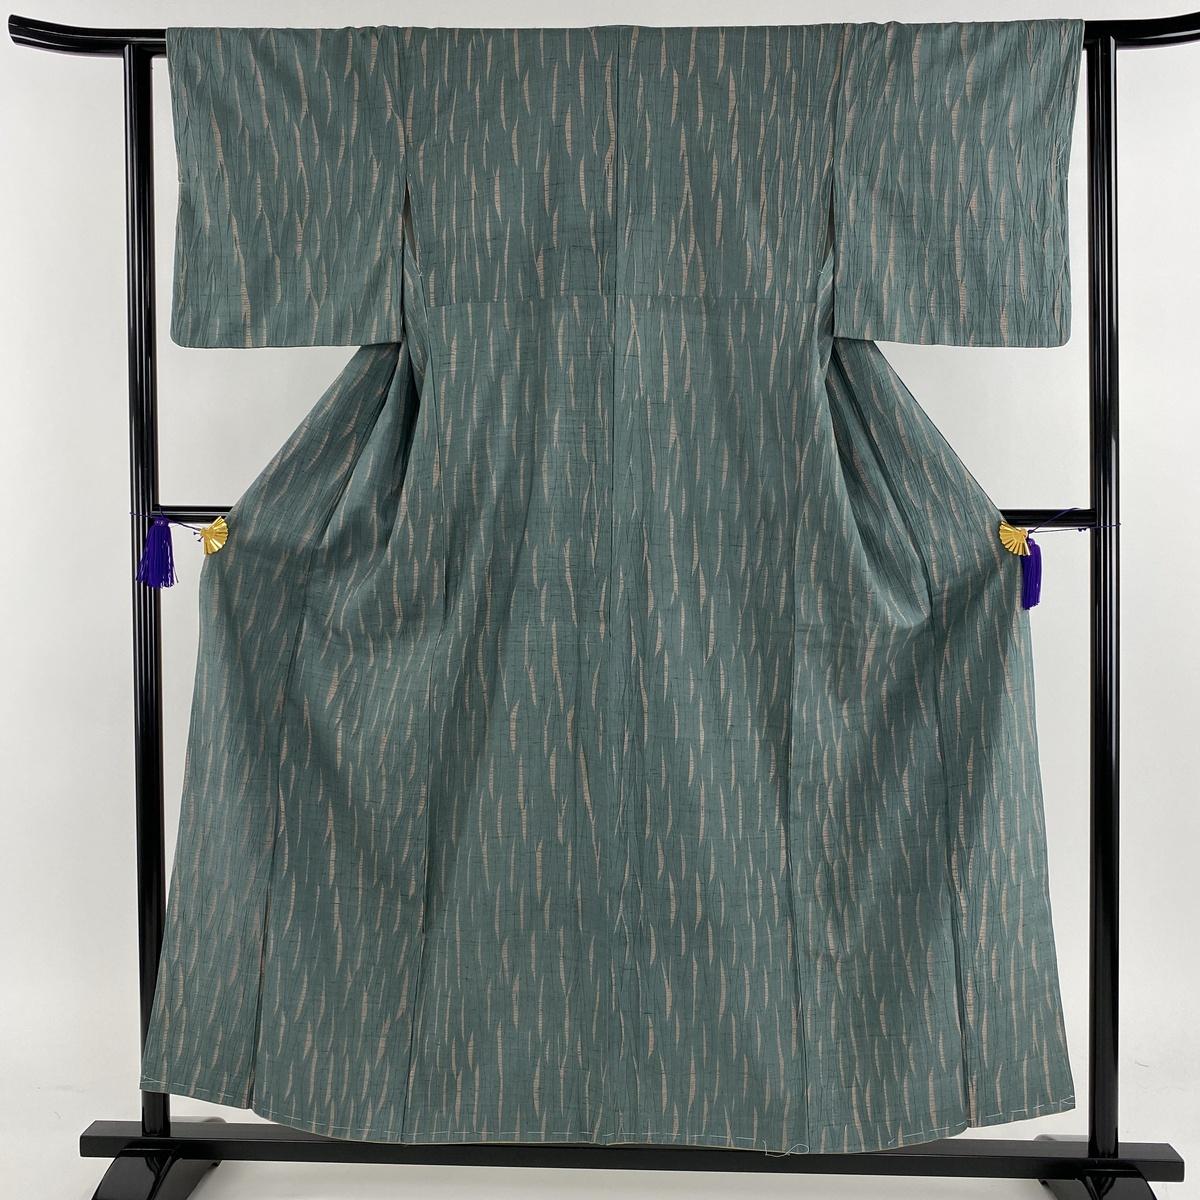 小紋 美品 名品 紬地 幾何学 絞り 薄緑 袷 身丈155.5cm 裄丈62cm S 正絹 【中古】